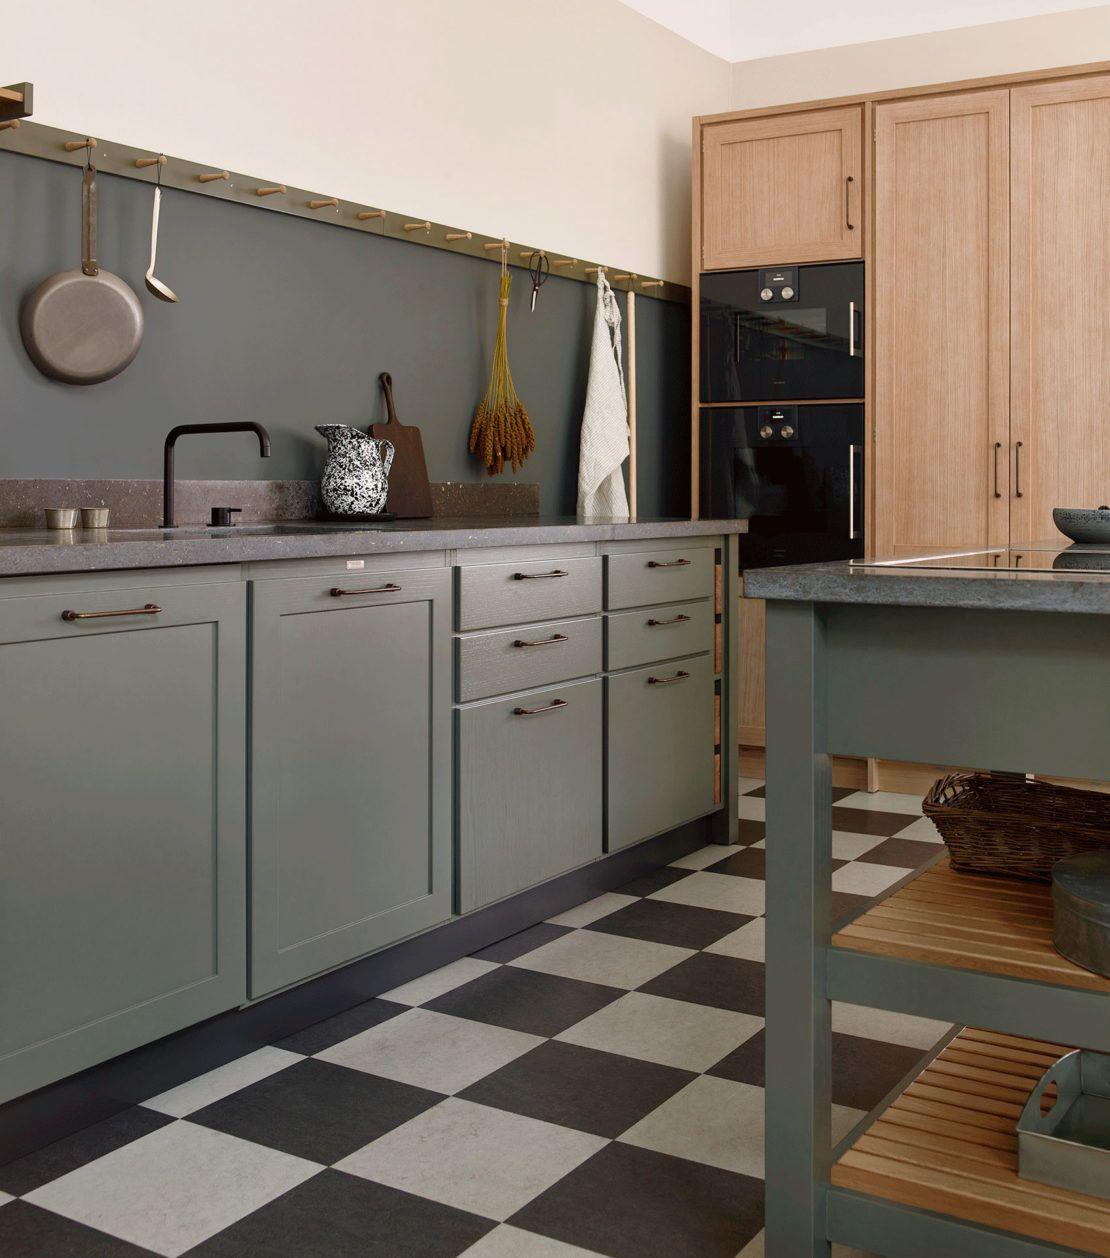 Trolle Skog 2 | Retro kök, Kök grått, Lägenhet kök